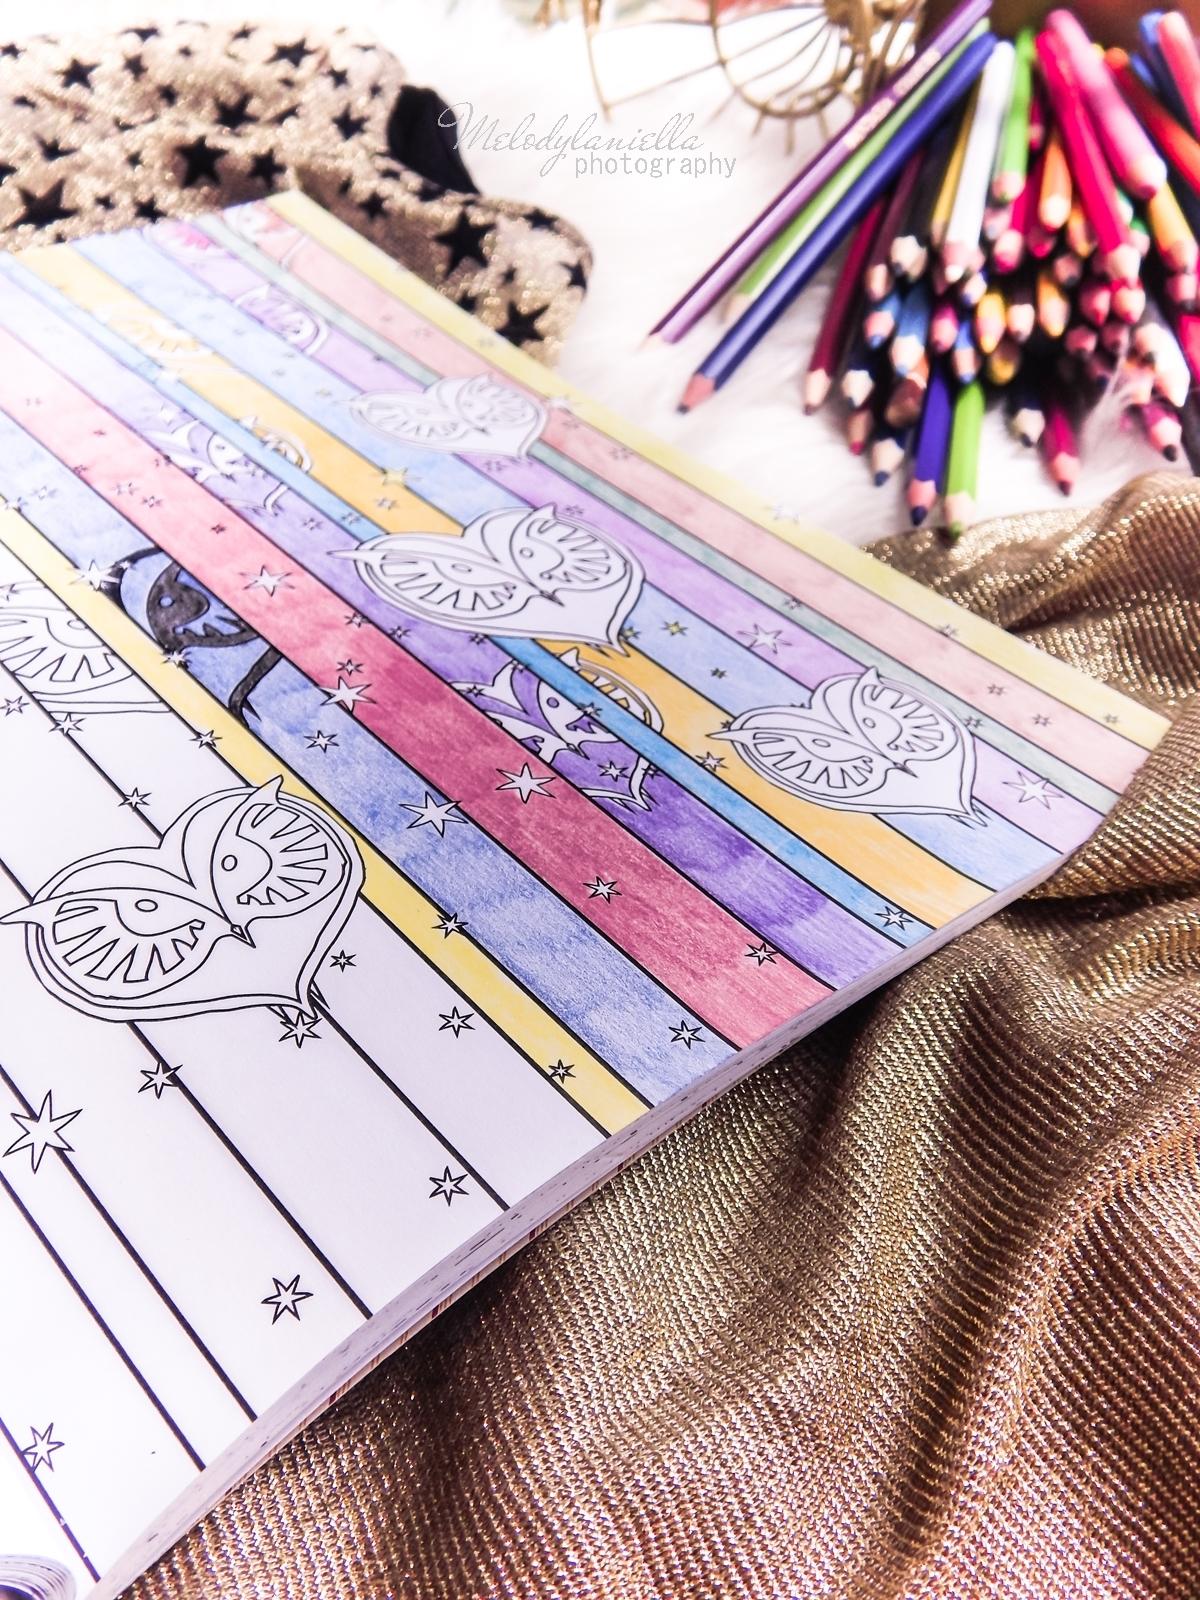 4 Konkurs ! Do wygrania 6 kolorowanek Fantastyczne zwierzęta i jak je znaleźć Magiczne zwierzęta kolorowanka oraz Magiczne miejsca i postacie kolorowanka. HarperCollins. Melodylaniella